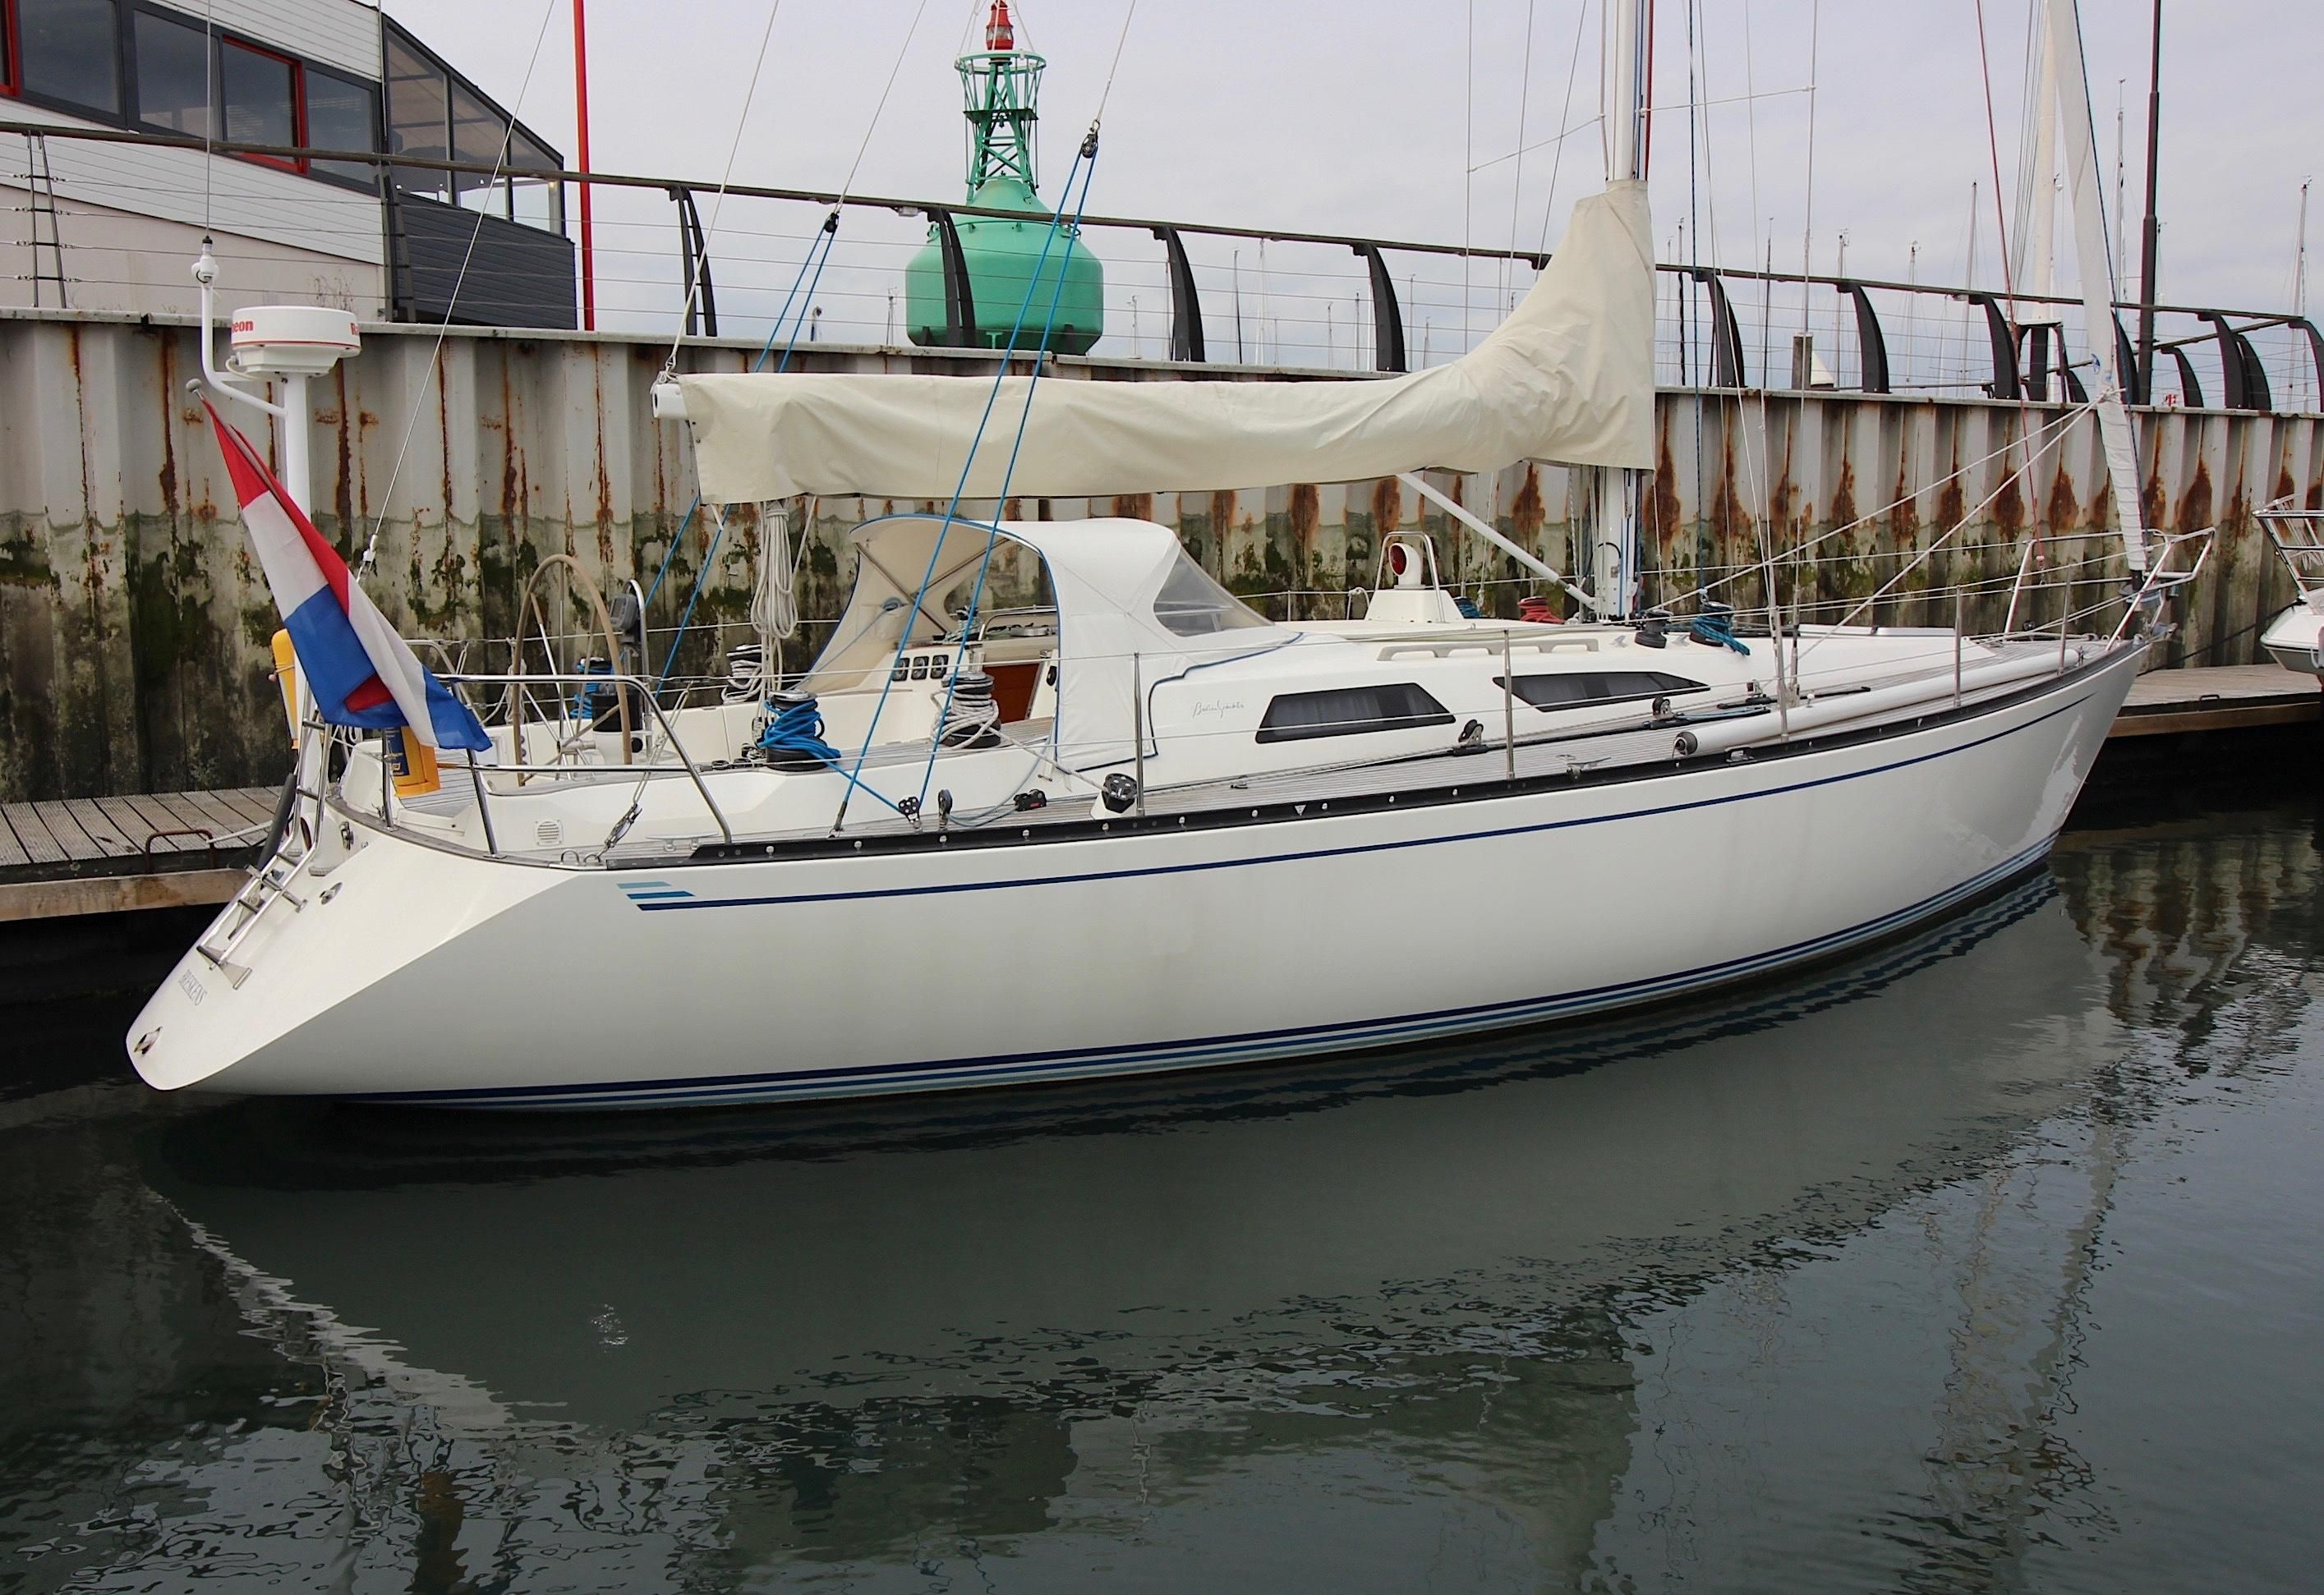 1993 Baltic 40 Purjevene Vene Myytävänä - www.yachtworld.fi